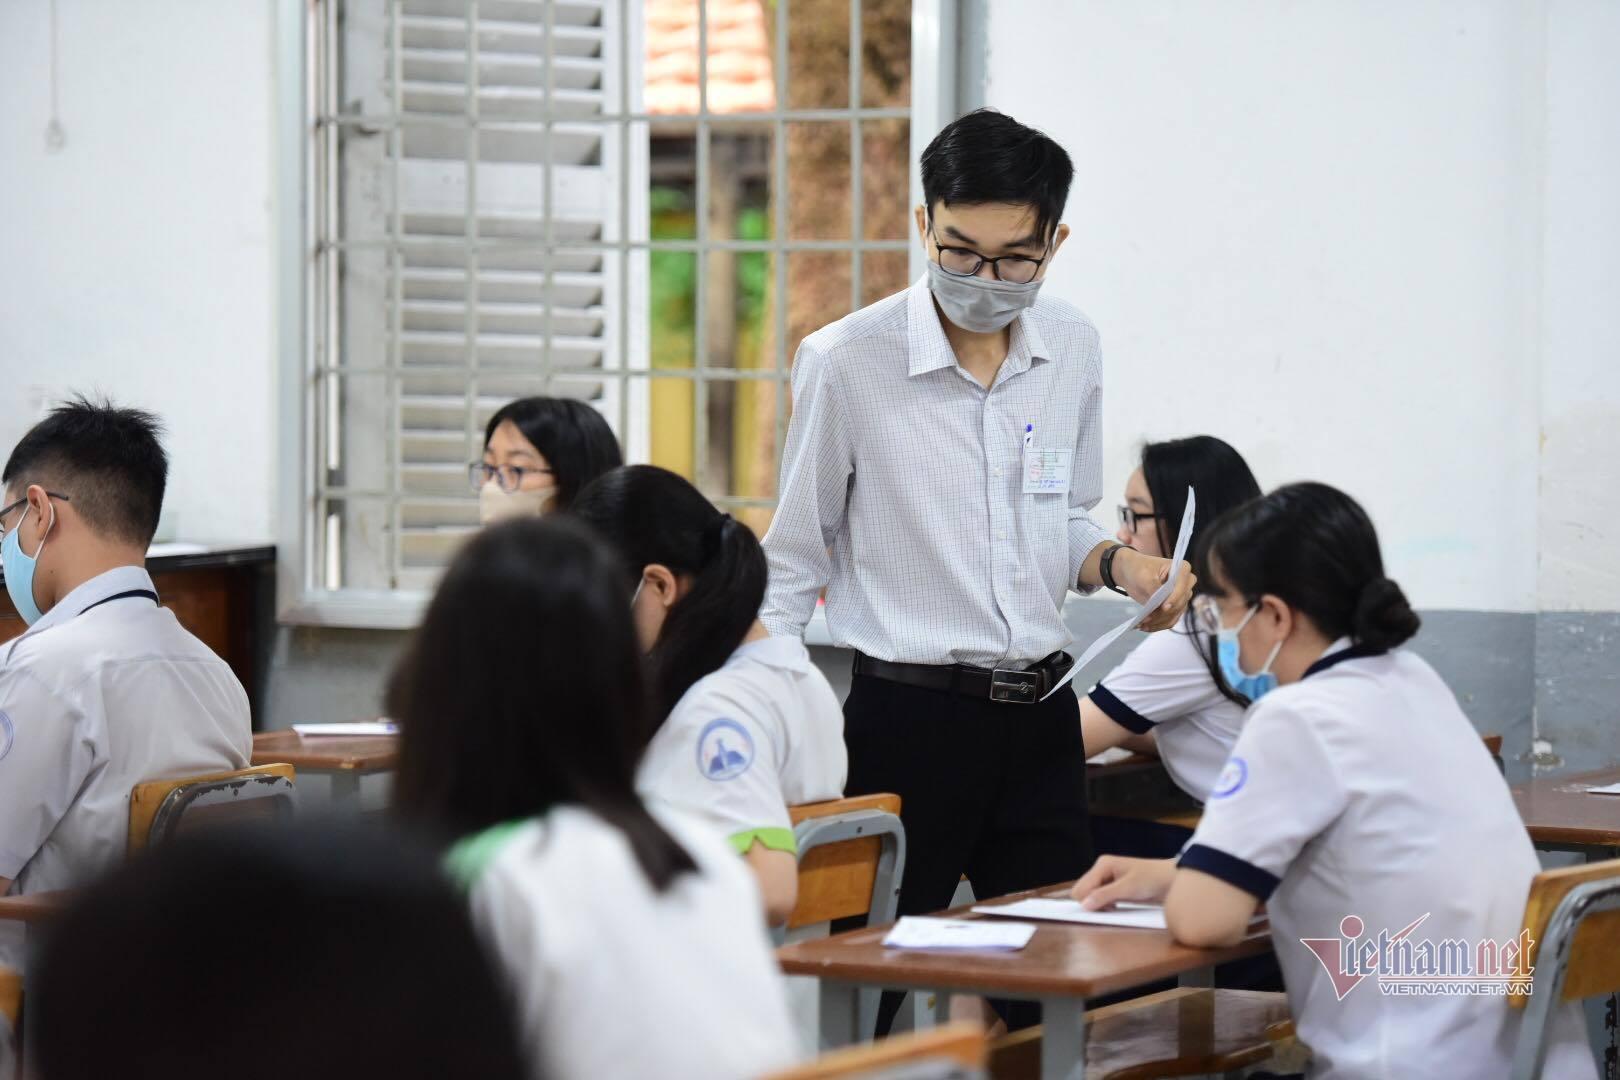 Tra cuu diem thi Tot nghiep THPT nam 2020 tinh Ha Tinh